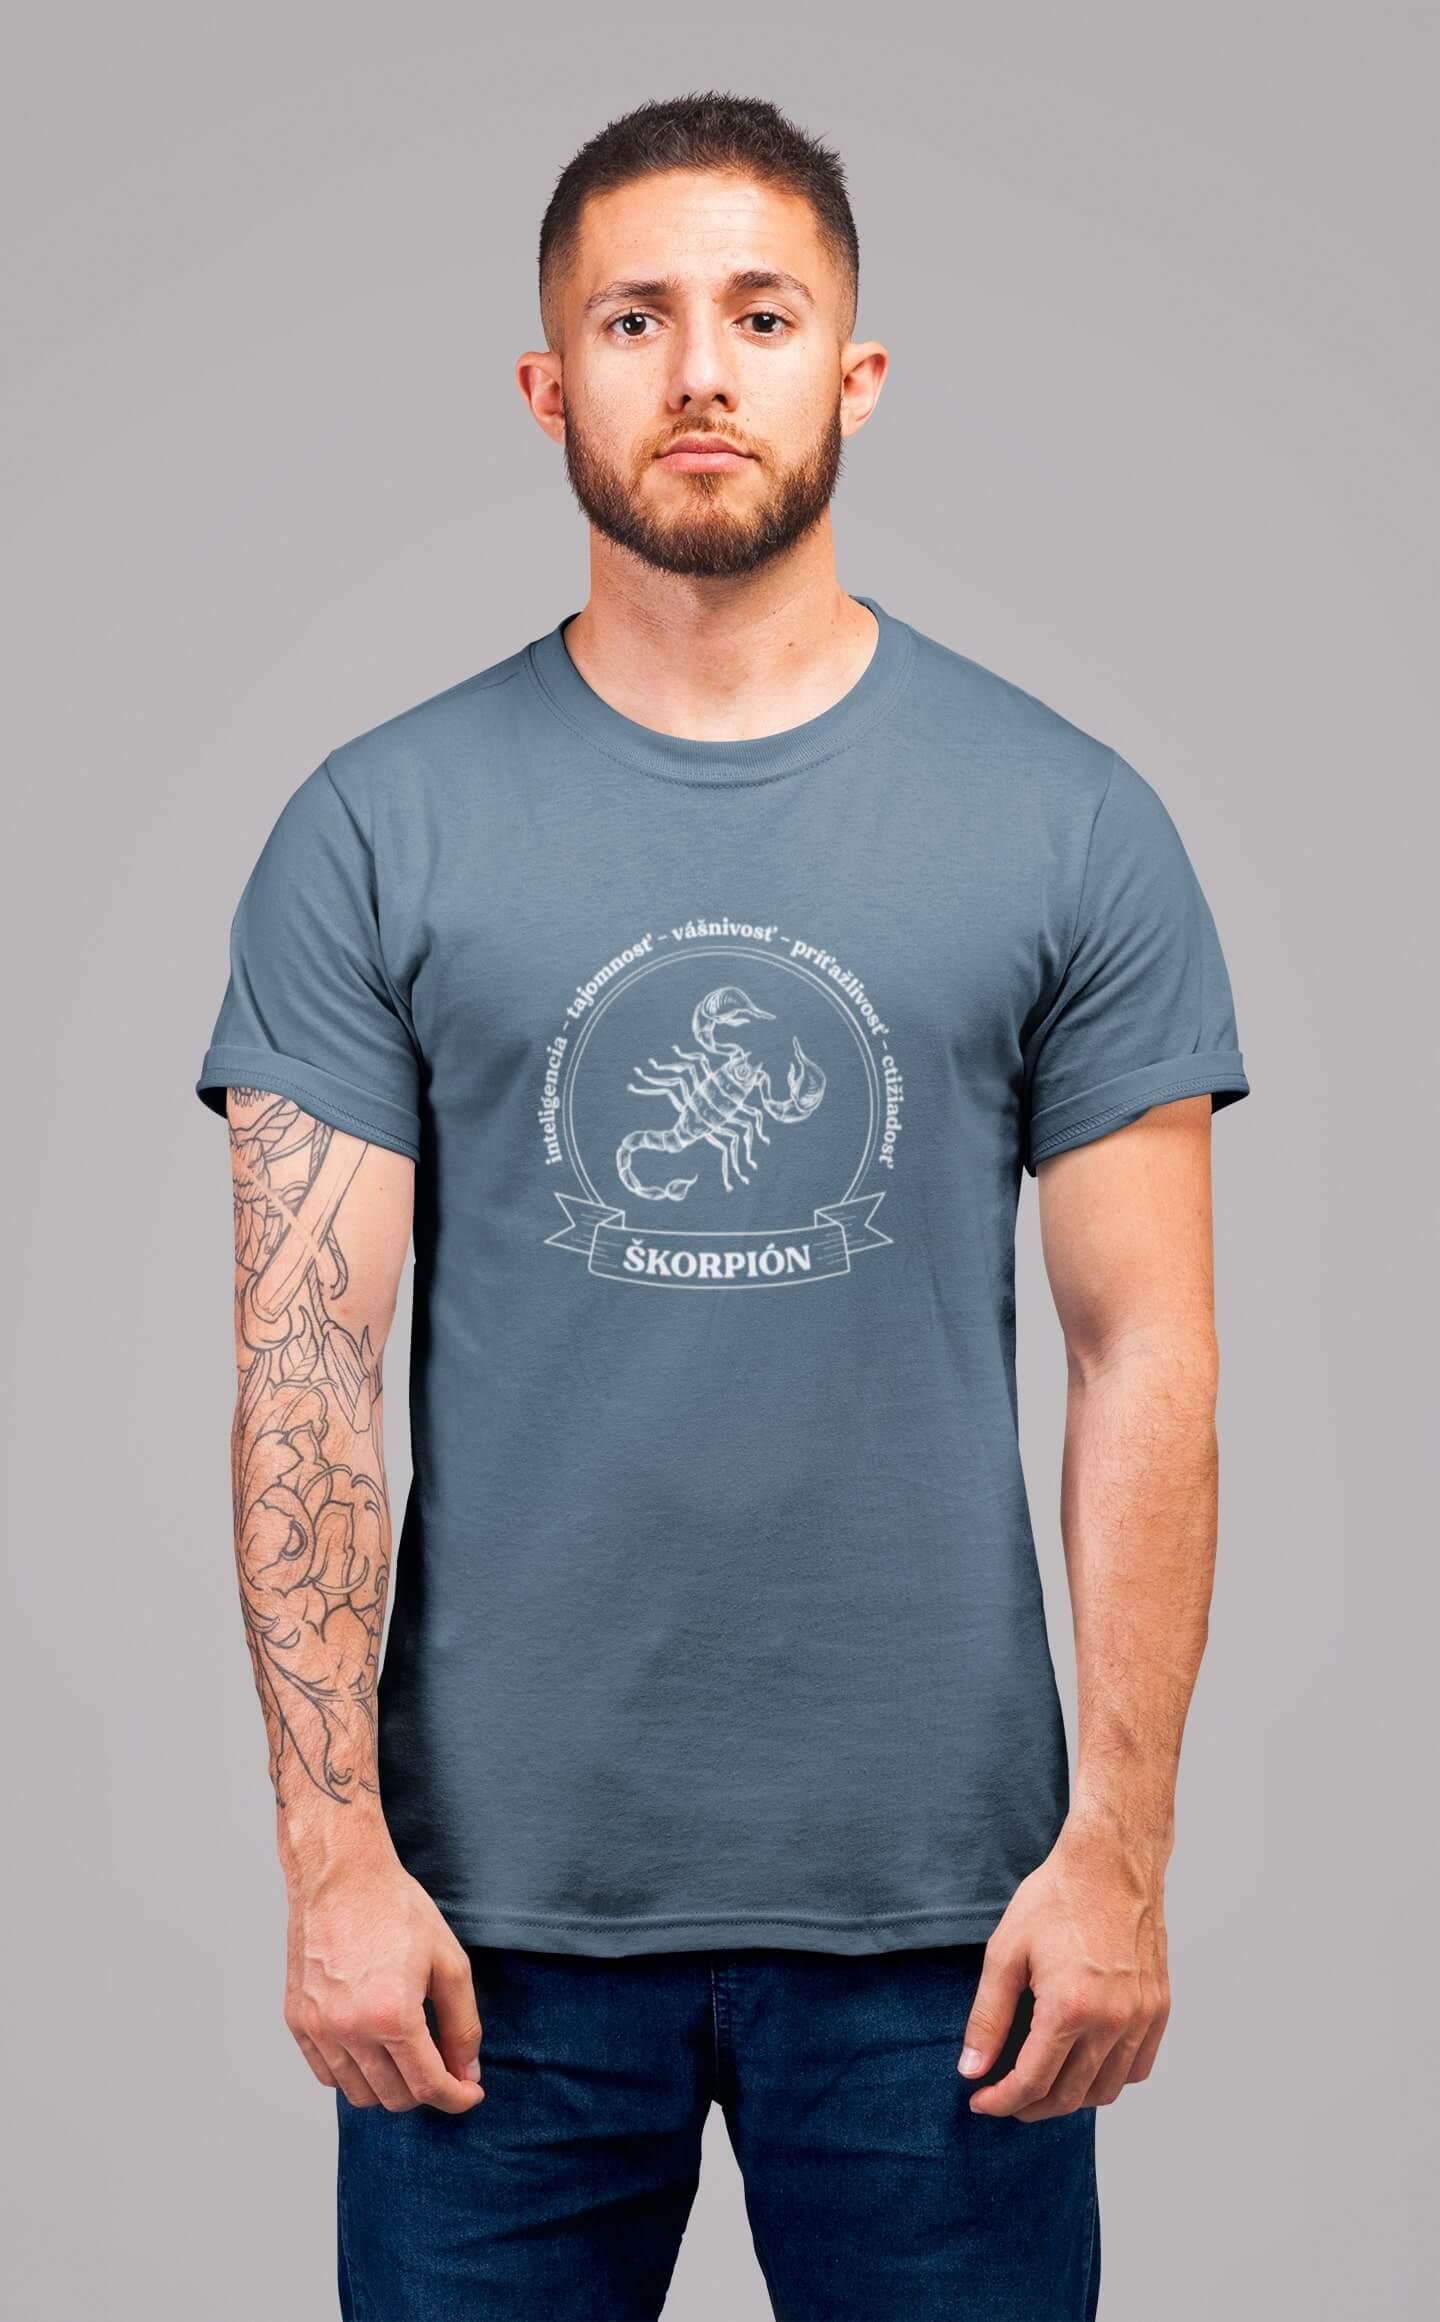 MMO Pánske tričko Škorpión Vyberte farbu: Denim, Vyberte veľkosť: XS